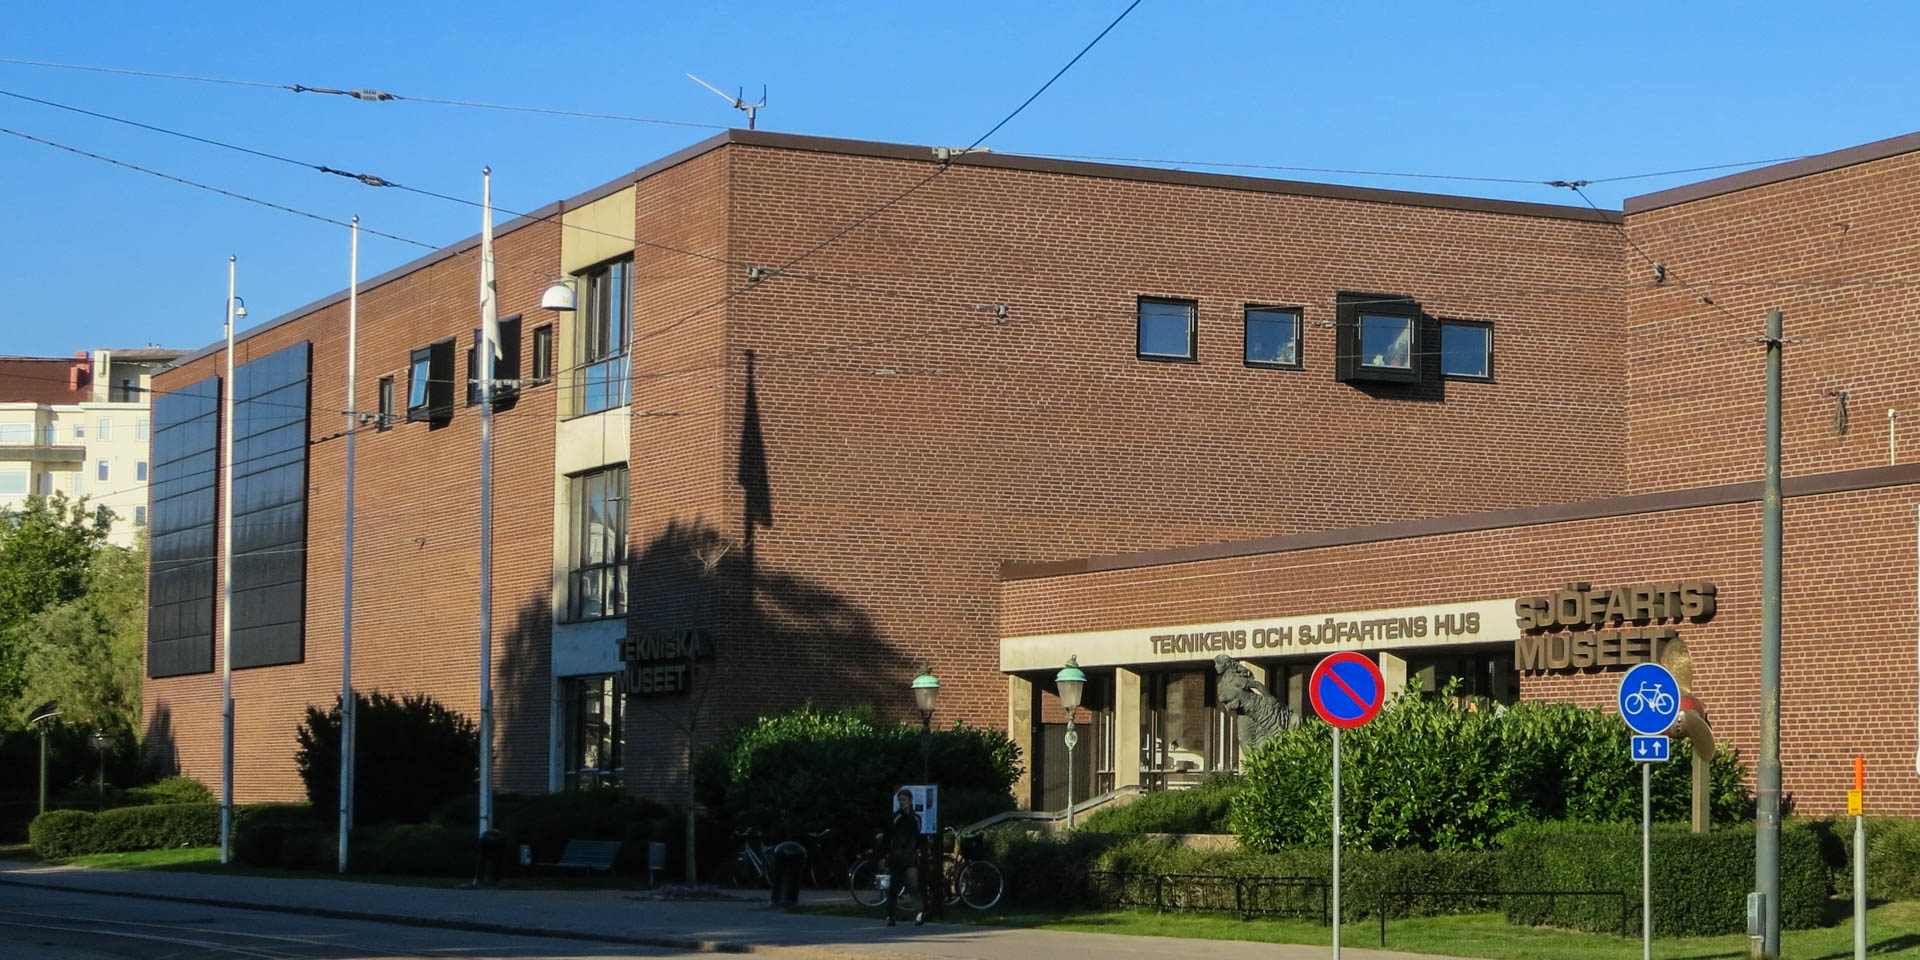 Teknikens och Sjöfartens Hus 2013